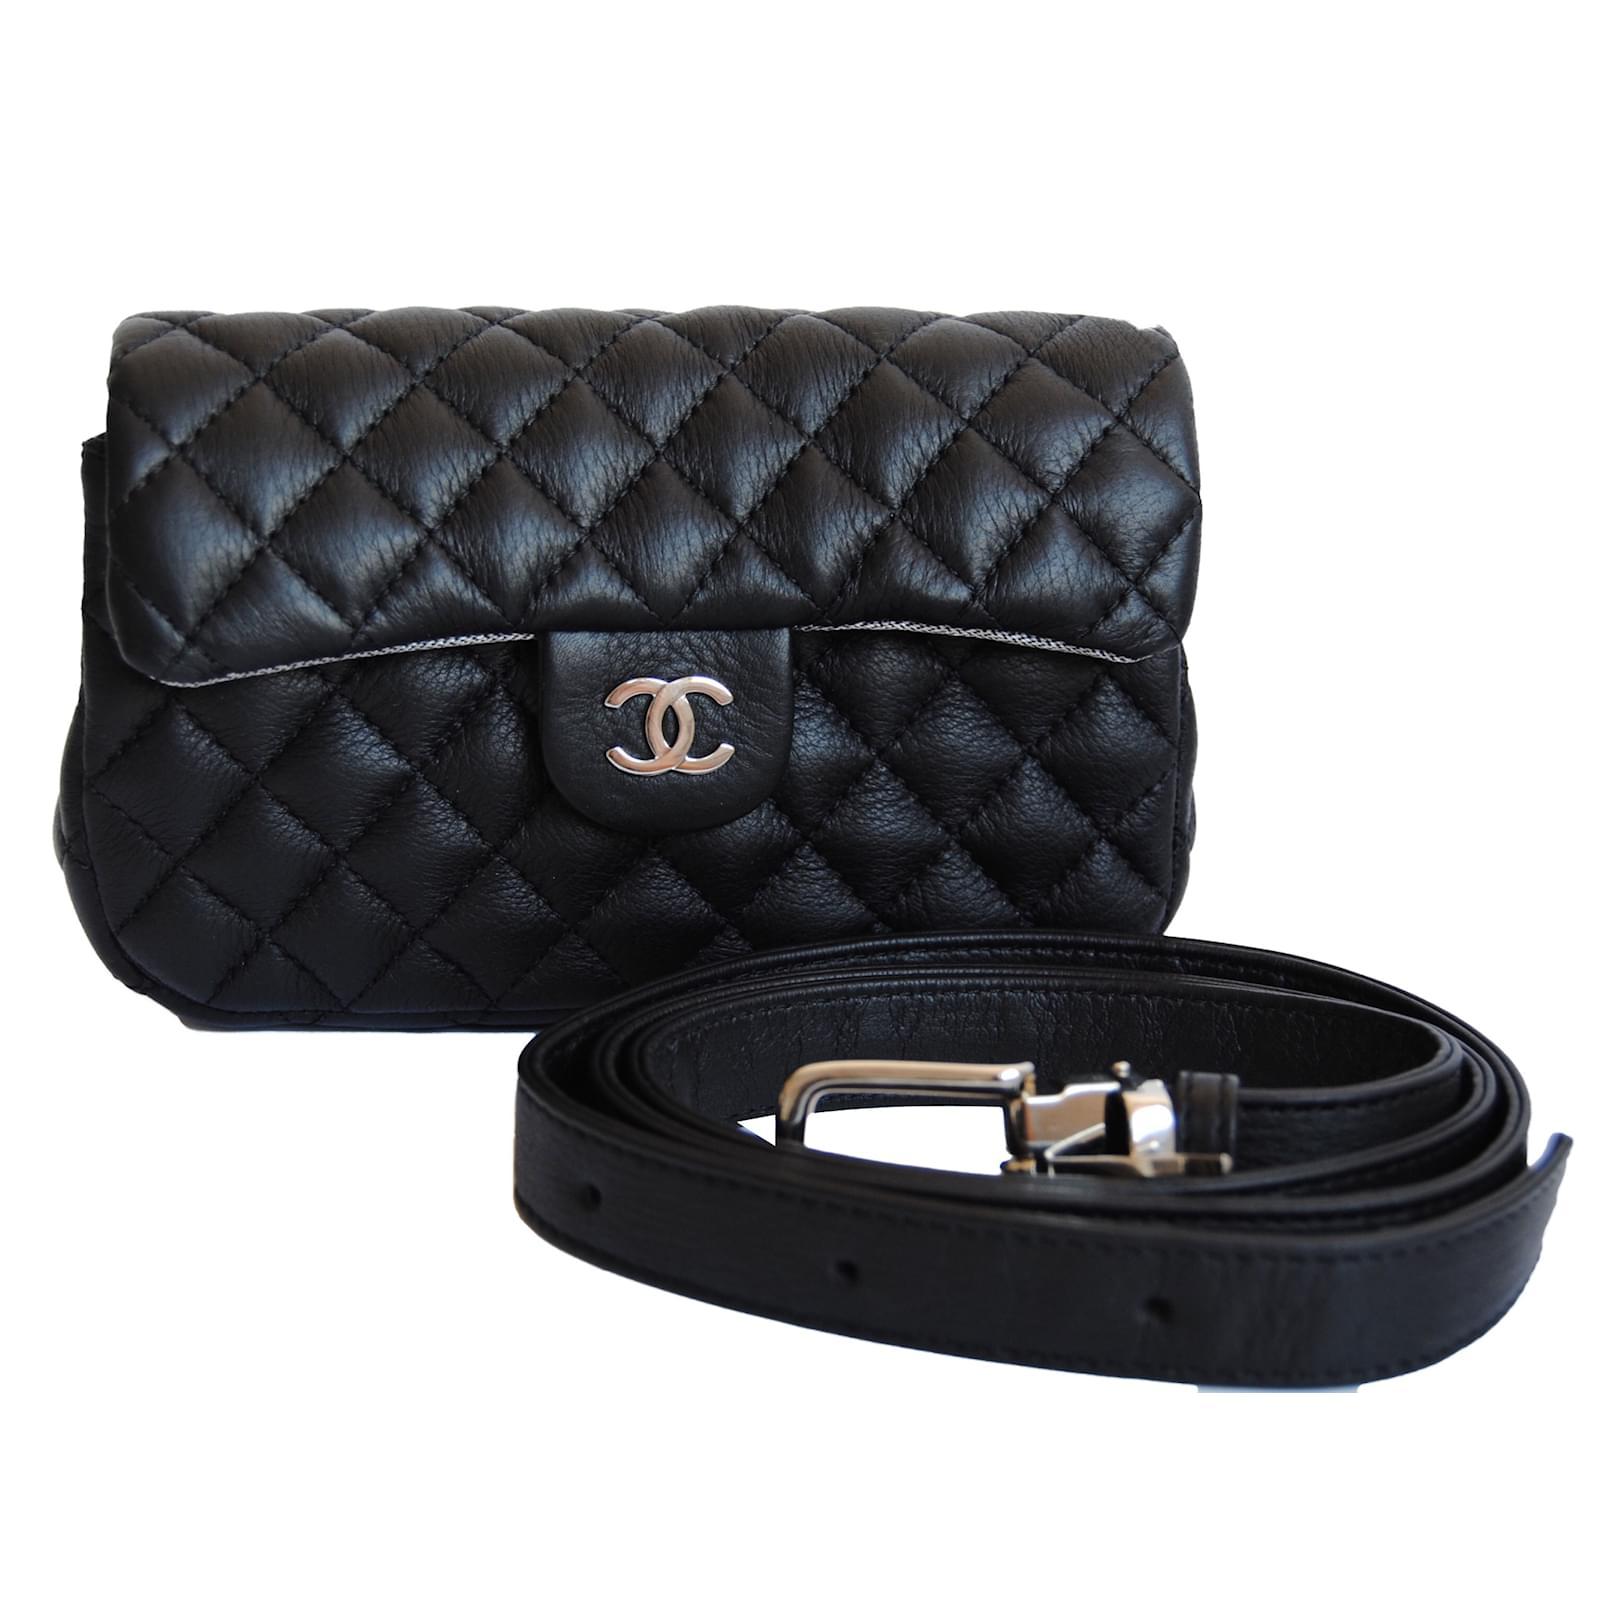 031cc5f294 Chanel belt bag